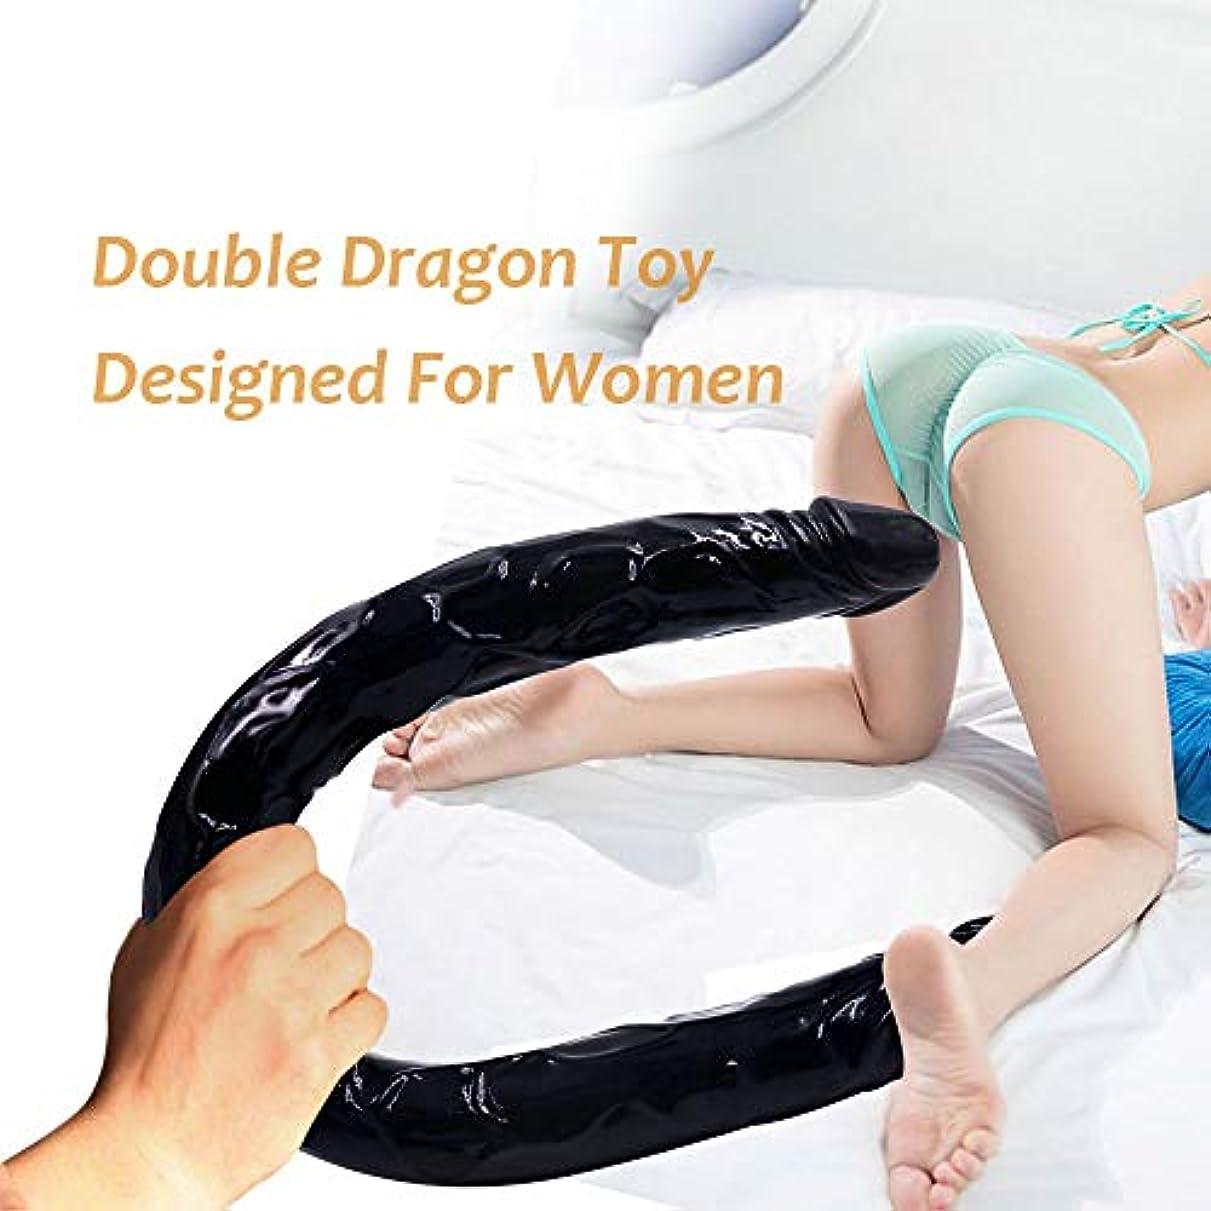 真似る震える複雑KGJJHYBGTOY 柔軟なダブルヘッドマッサージ21.56インチデュアル双頭ボディは女性のフルボディ用マッサージワンドおもちゃを終了したリラックス RELAX MASSAGE BODY